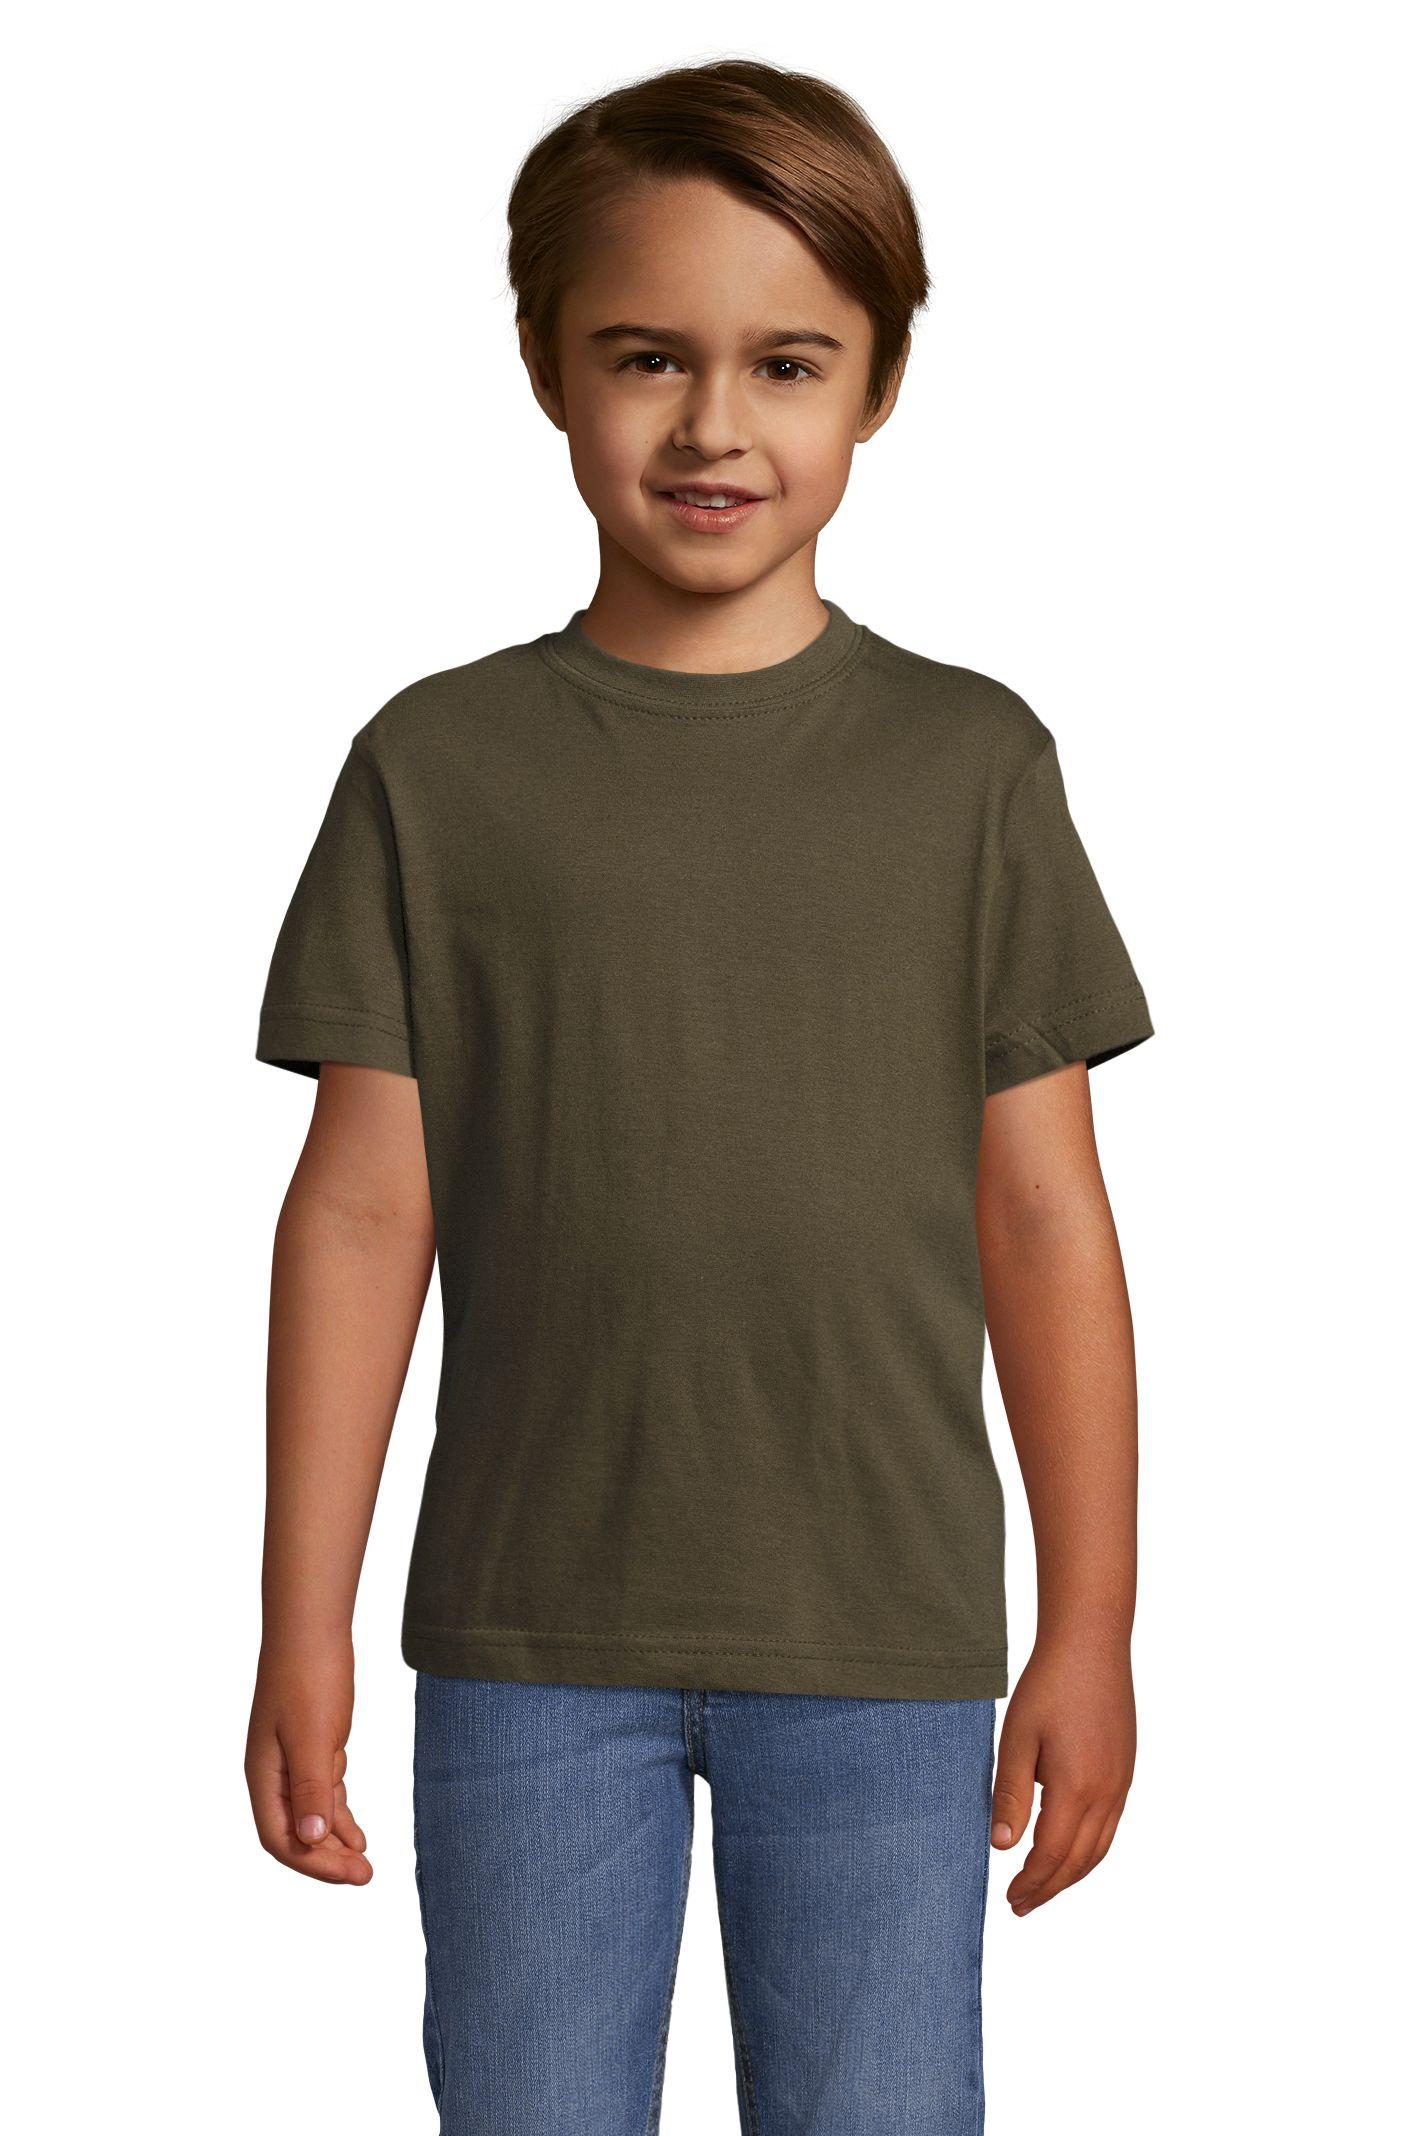 269 - Army